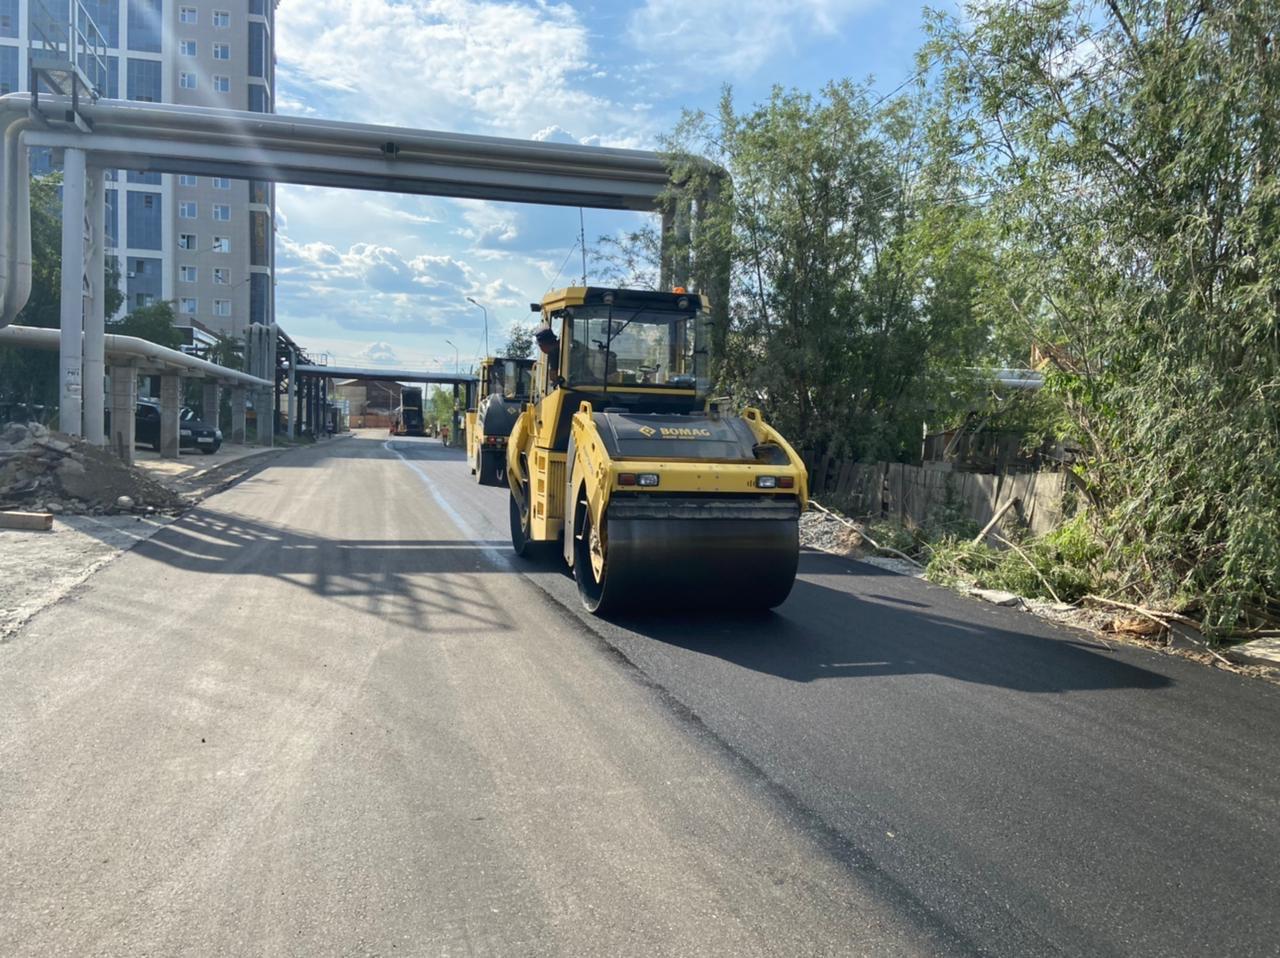 Нацпроект «Безопасные качественные дороги»: основные работы завершены на 14 объектах